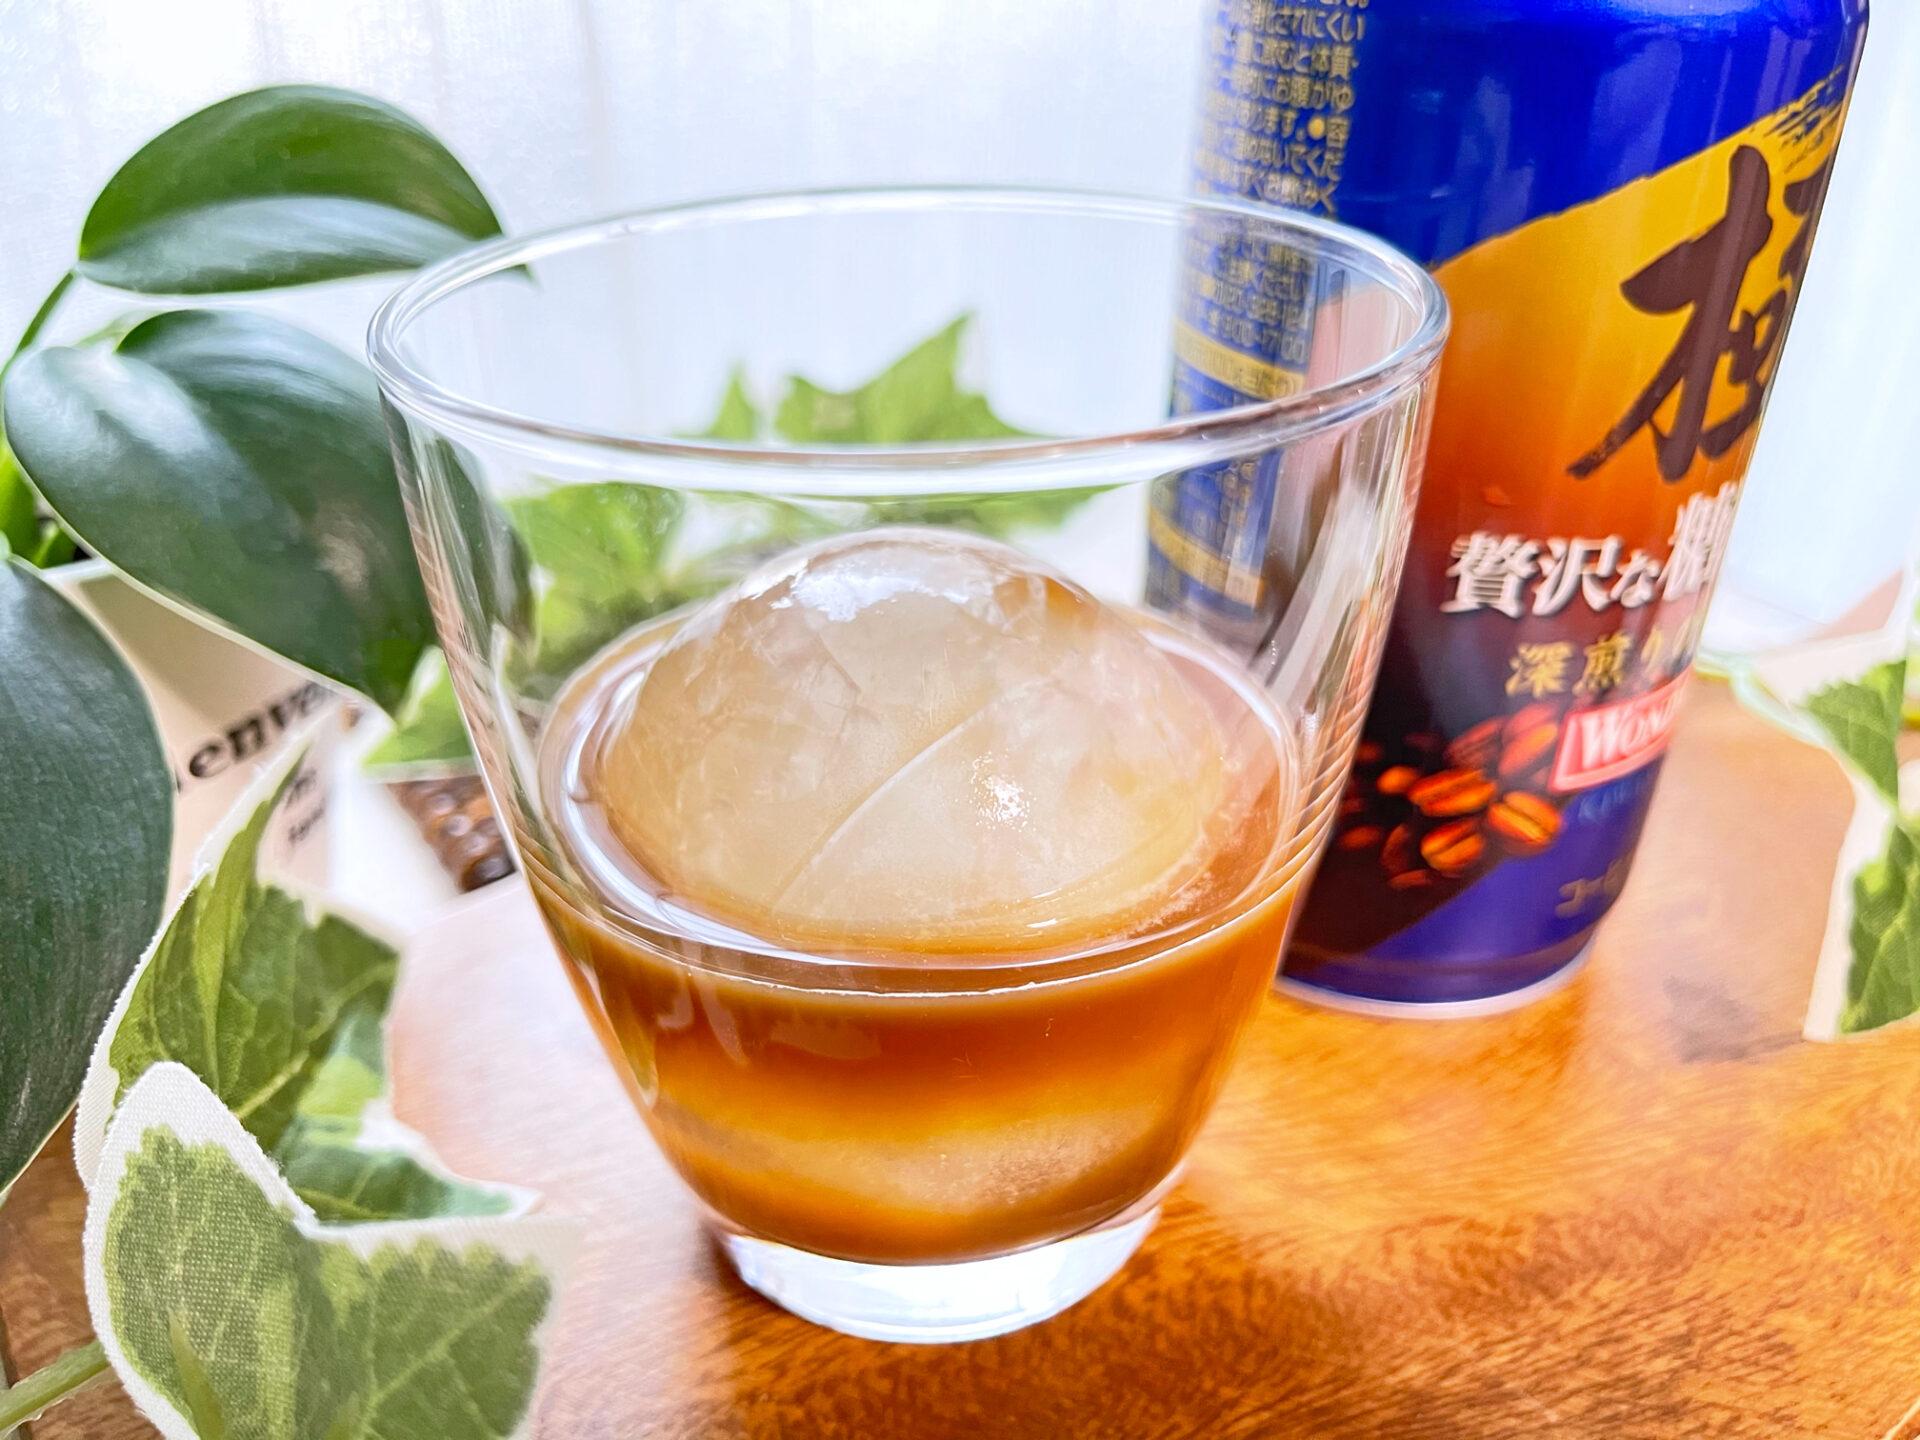 アサヒ飲料「『ワンダ』極 贅沢な糖類ゼロ」